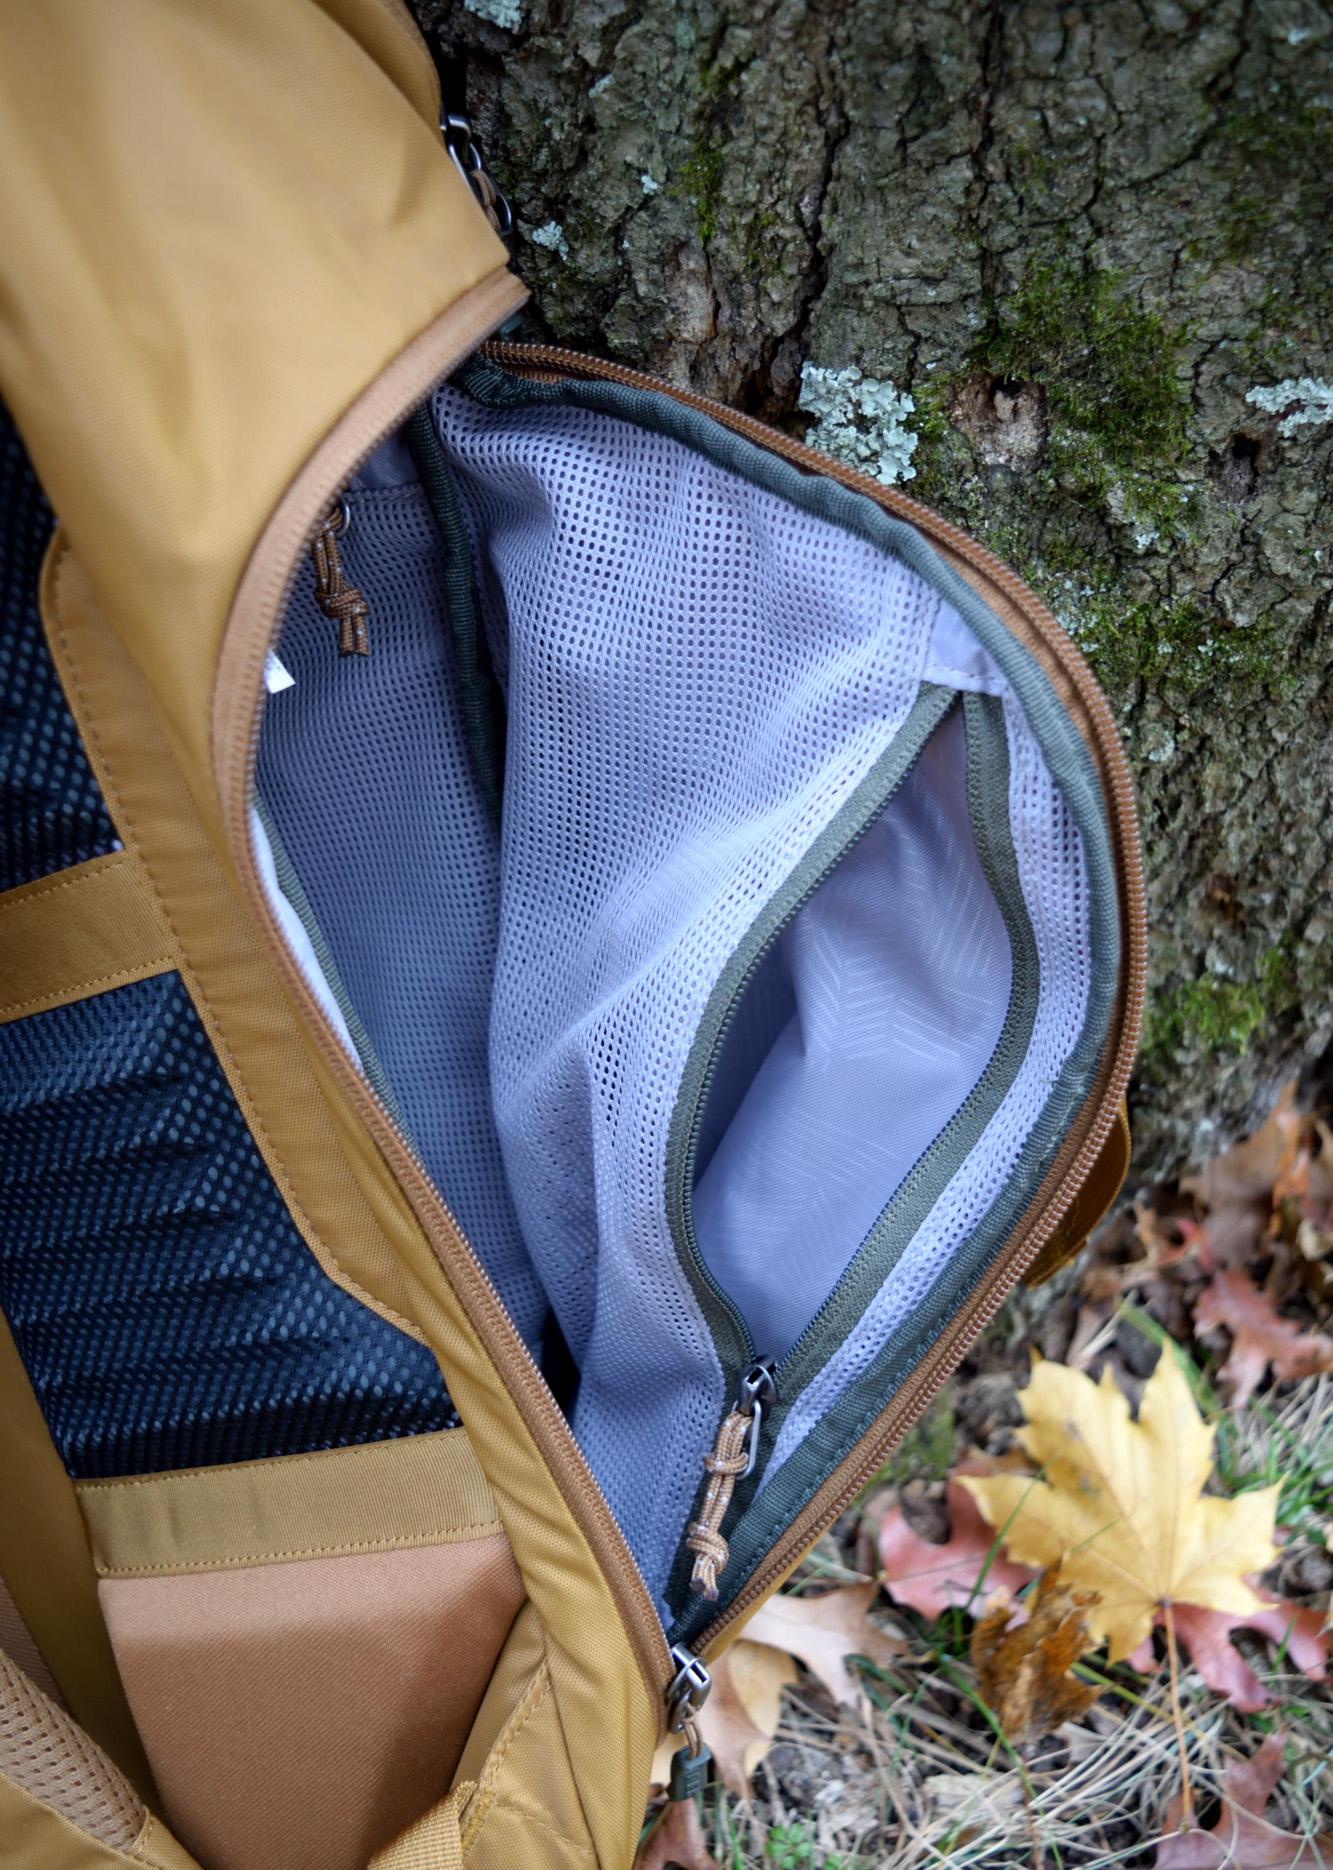 rei rucksack 28 side flap zipper pocket